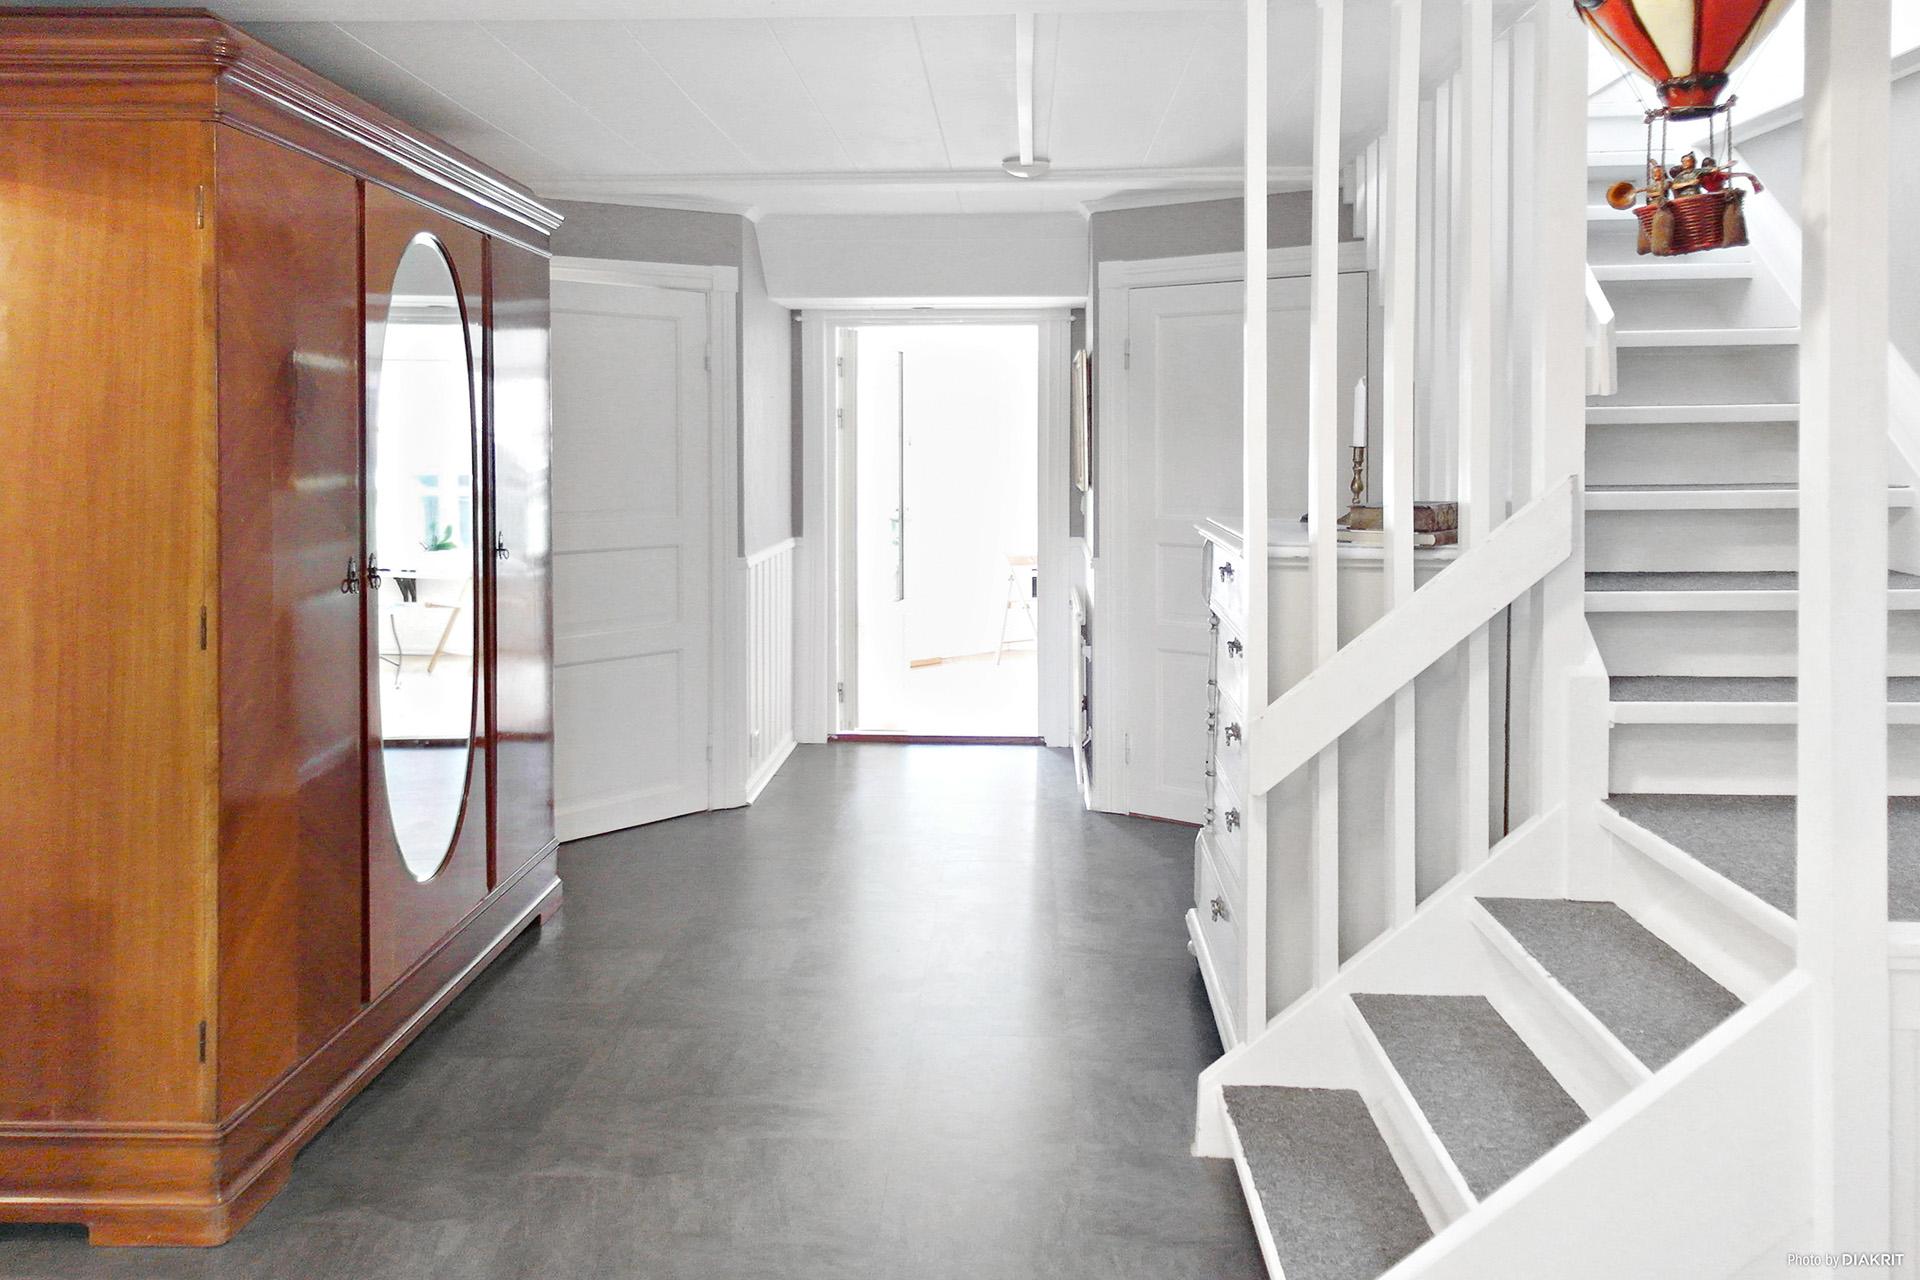 Innerhall med trappa upp till övervåningen.